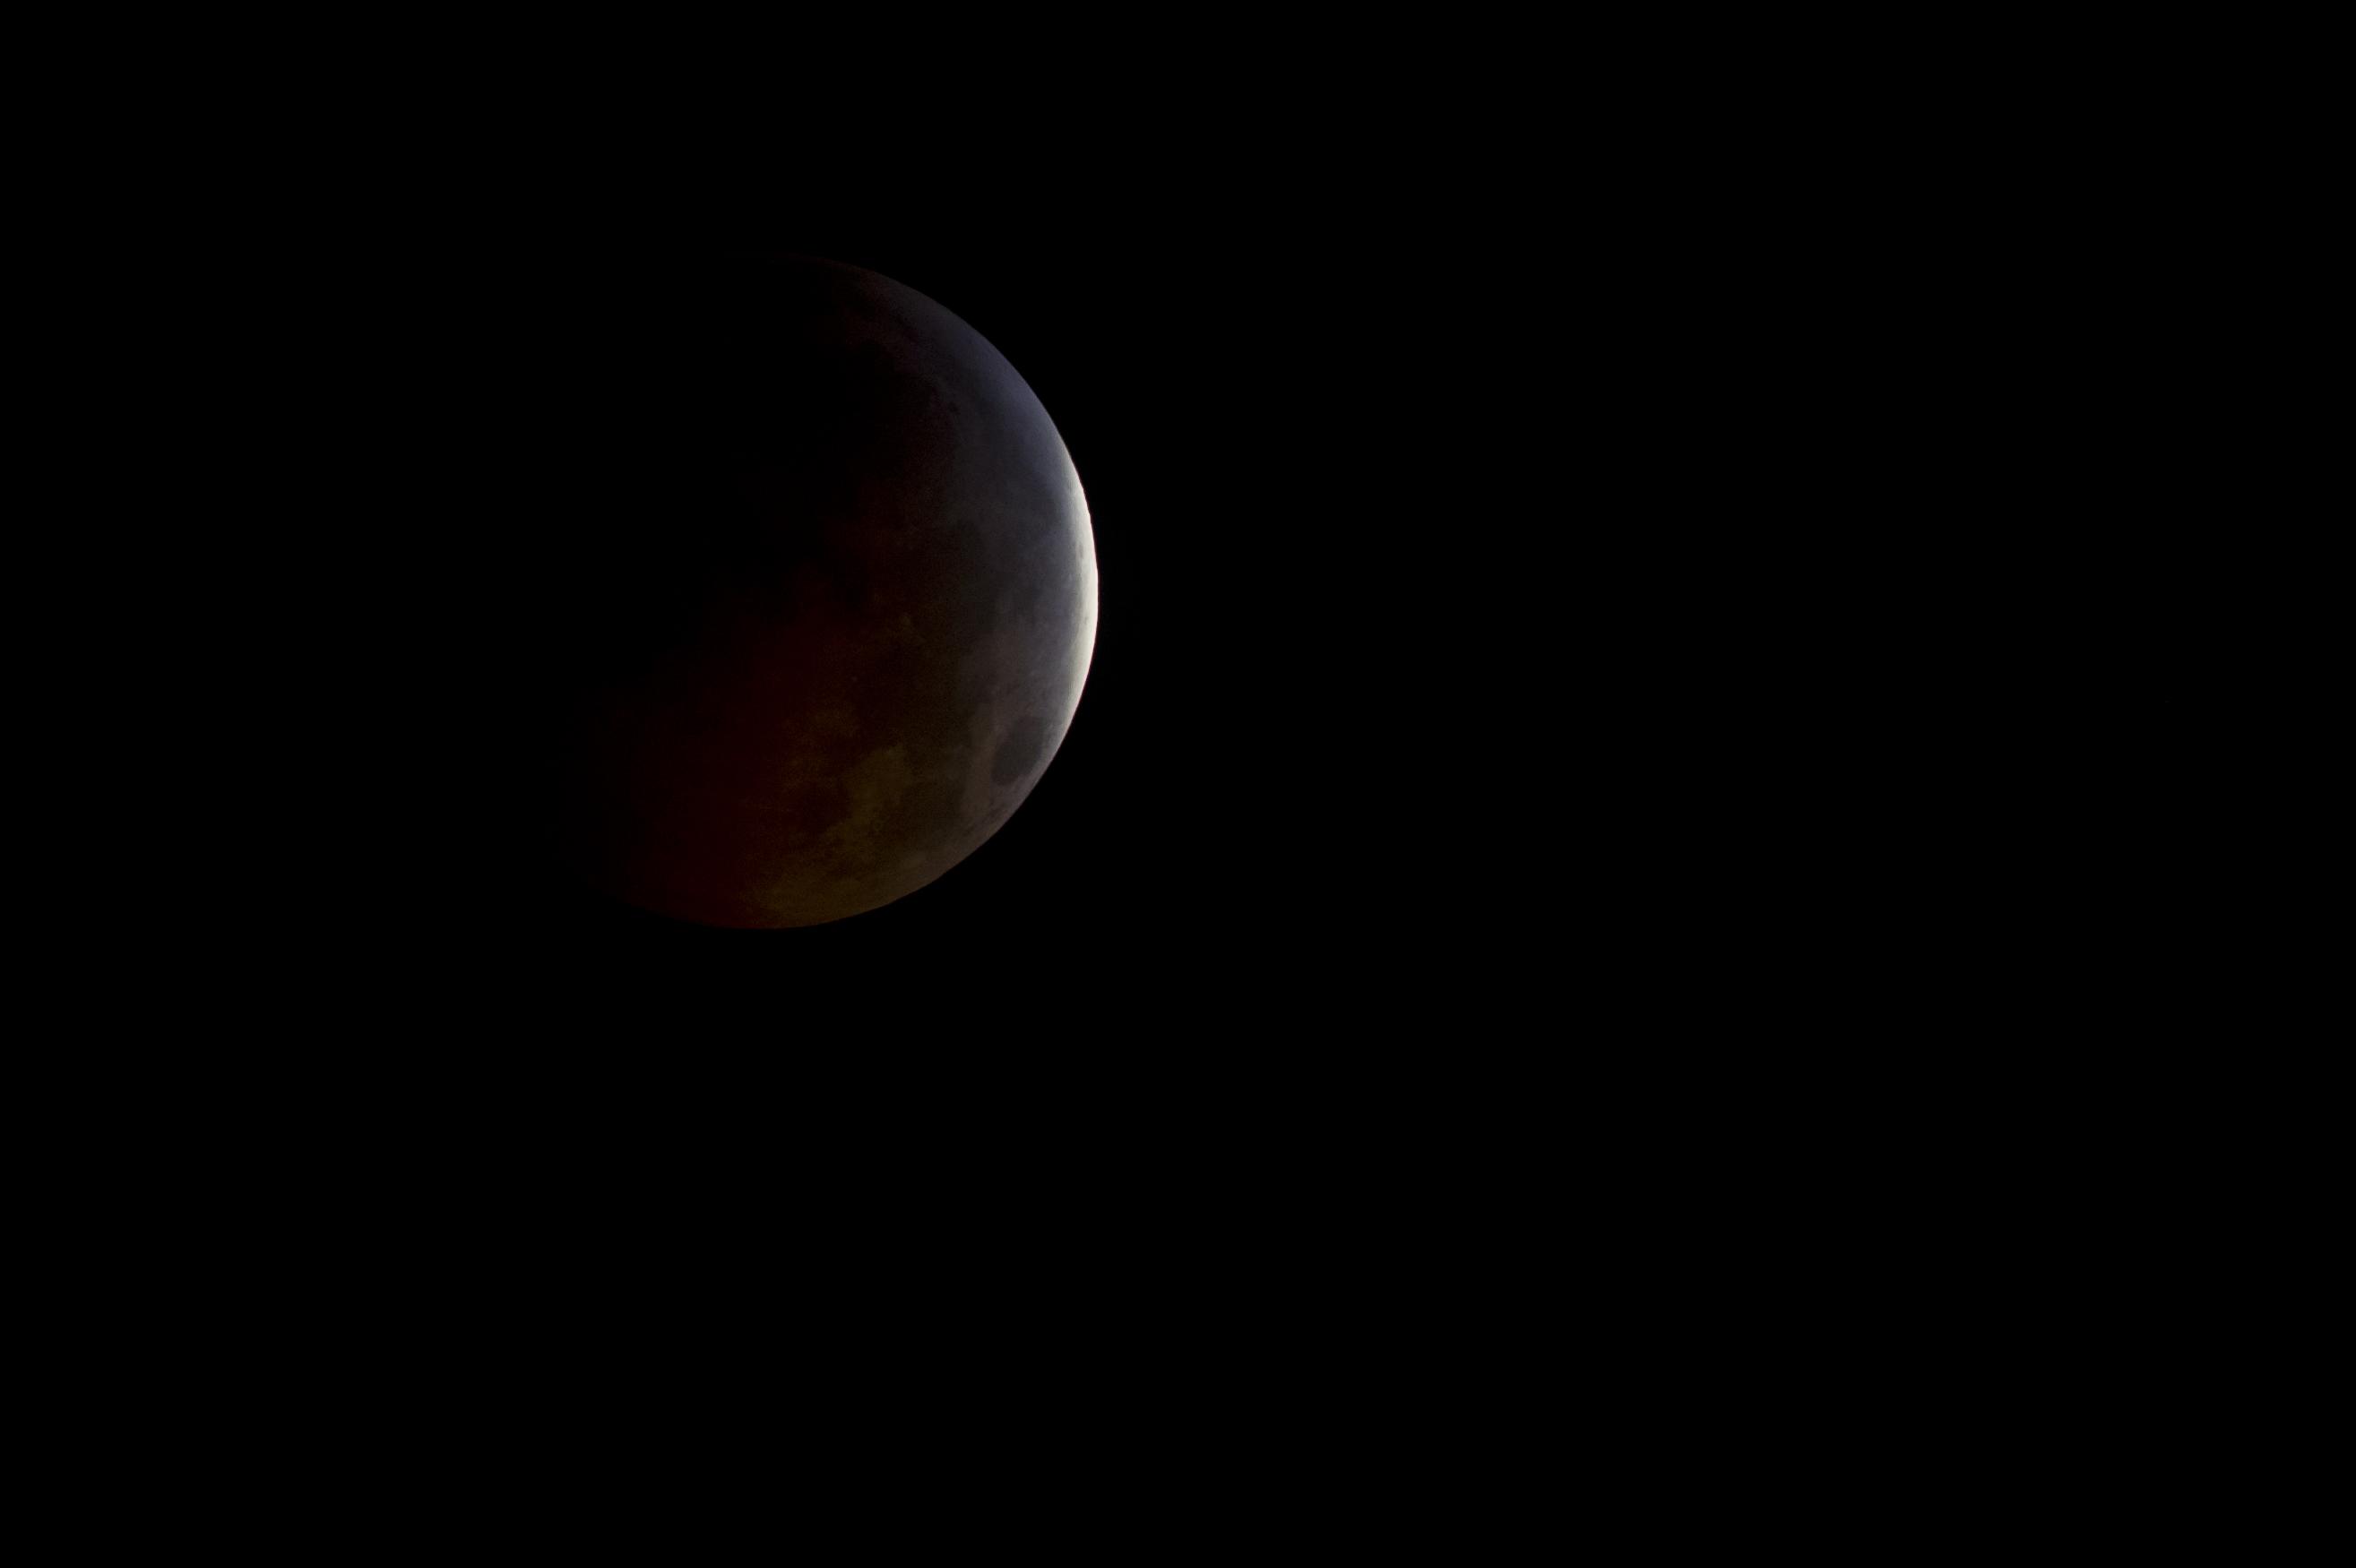 nasa live lunar eclipse 2019